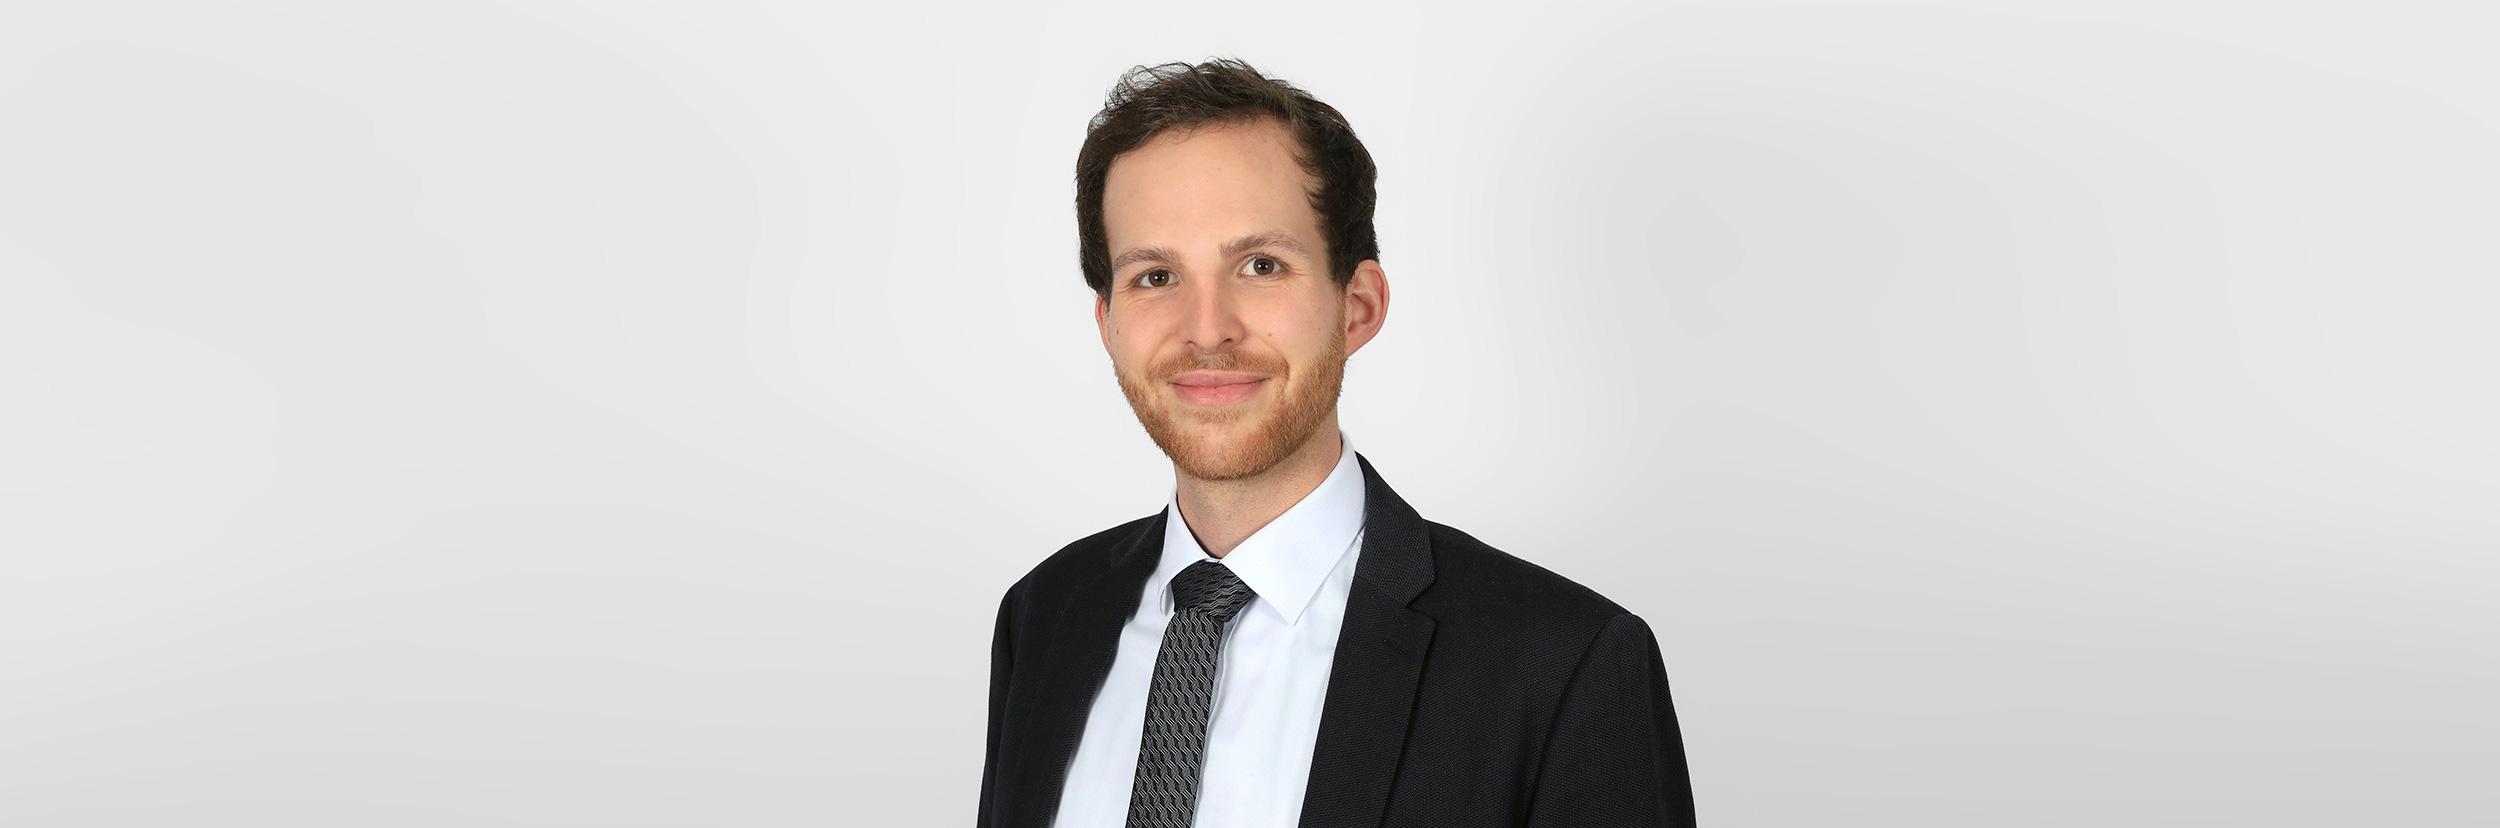 Advoteam Rechtswanwalt Justin Strathoff